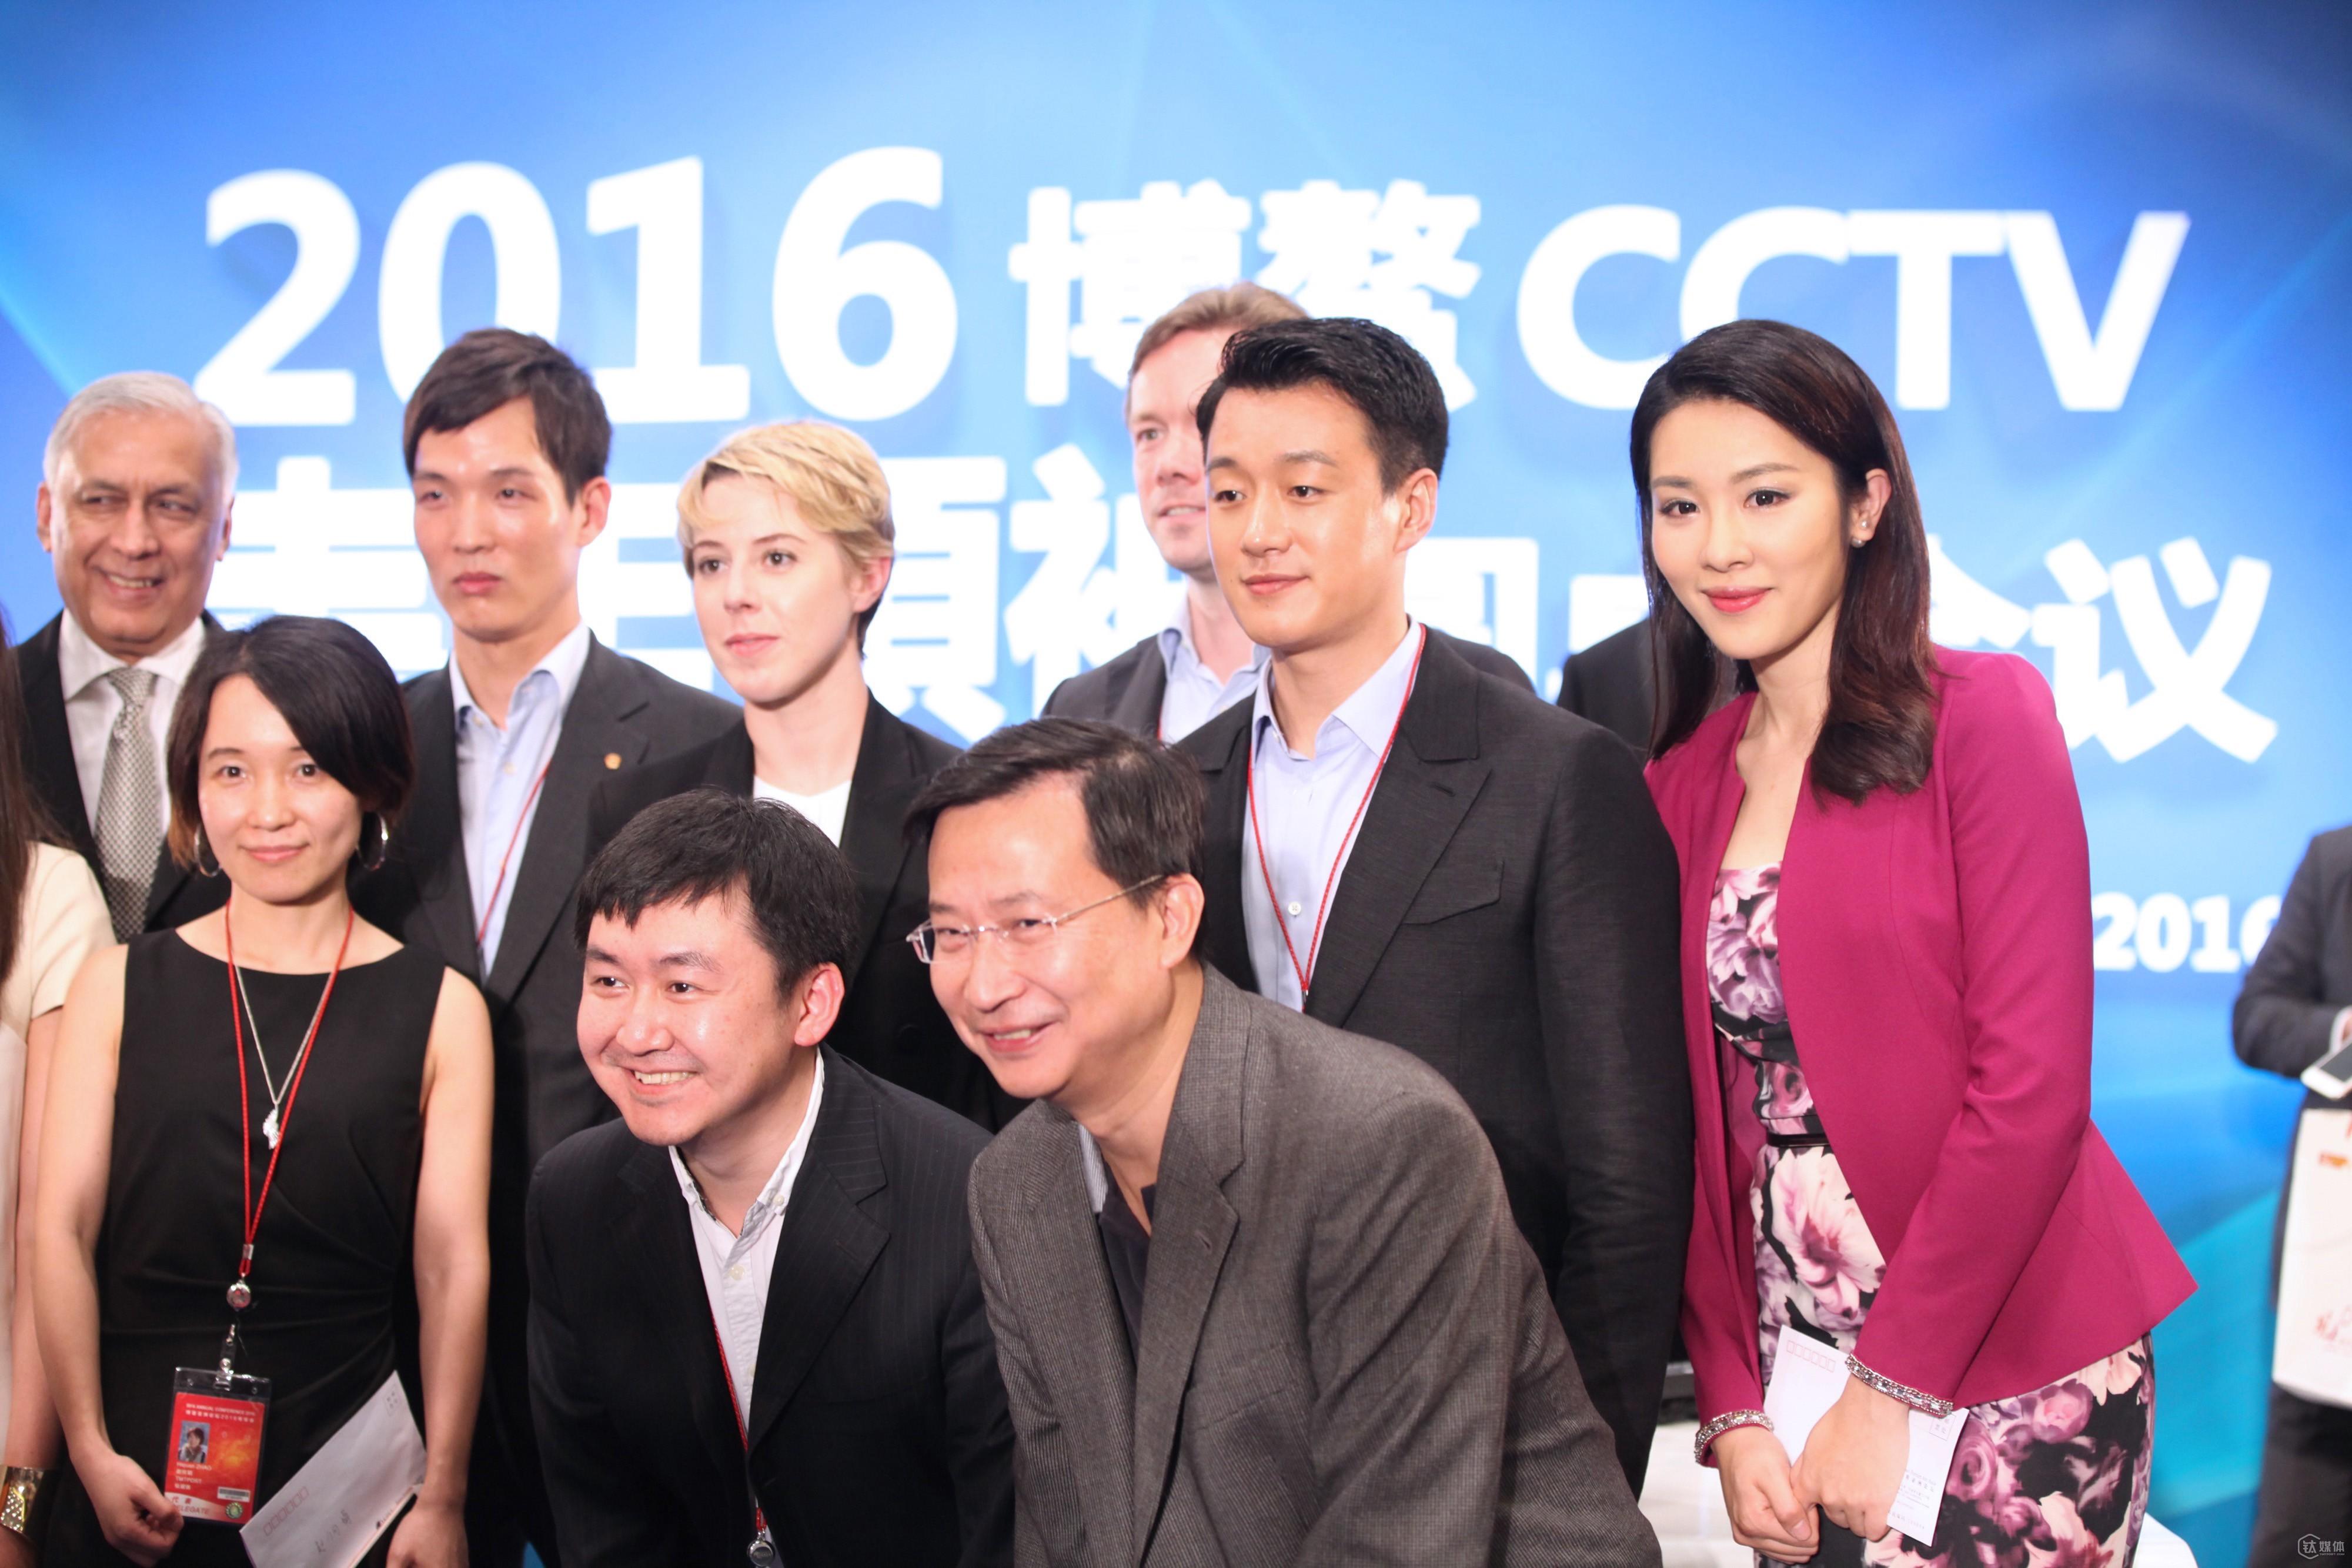 佟大为在2016博鳌论坛的「青年领袖圆桌论坛」现场